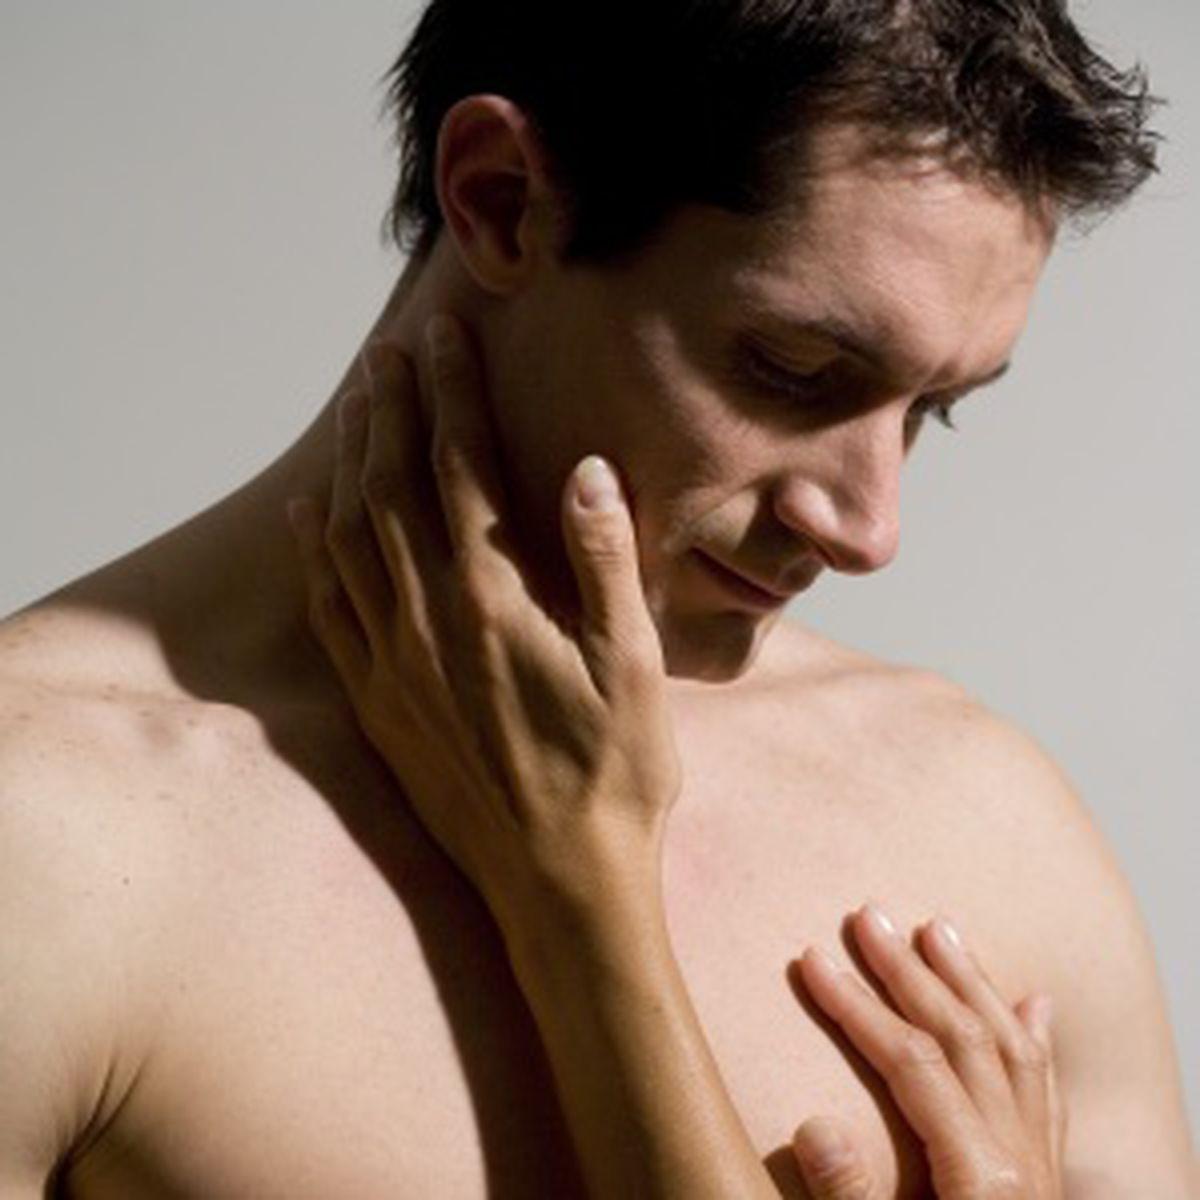 restabiliți o erecție acasă din cauza a ceea ce poate fi o erecție redusă